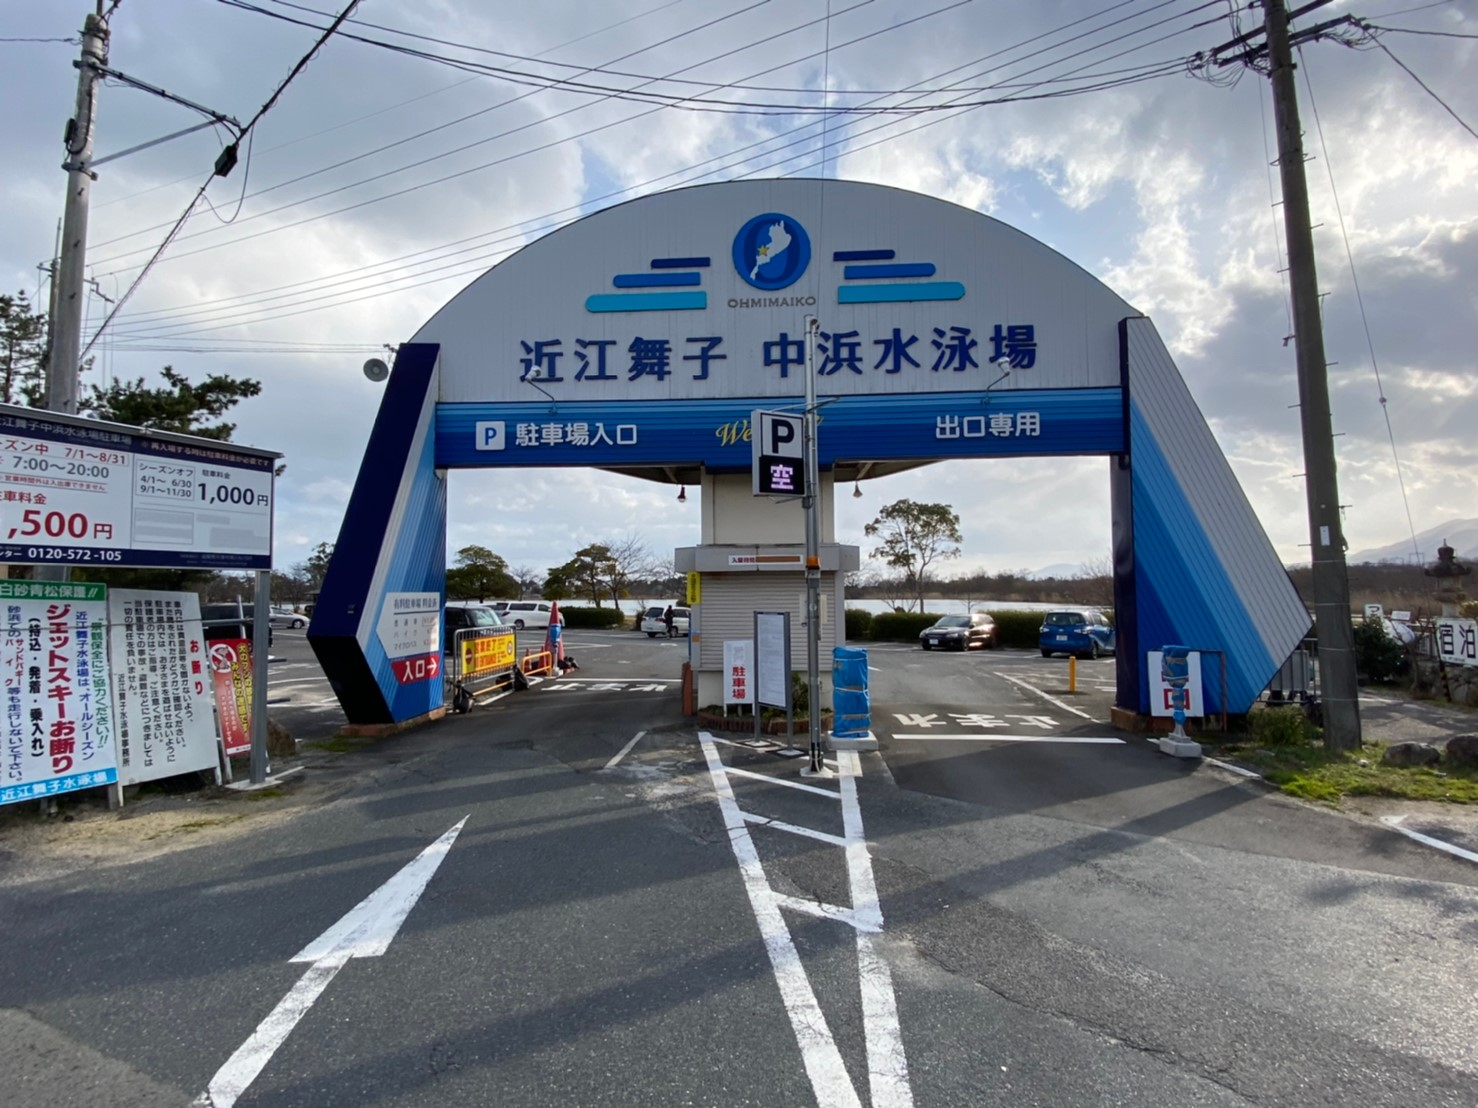 【琵琶湖西エリア】『大津市 近江舞子』周辺の釣り場ガイド